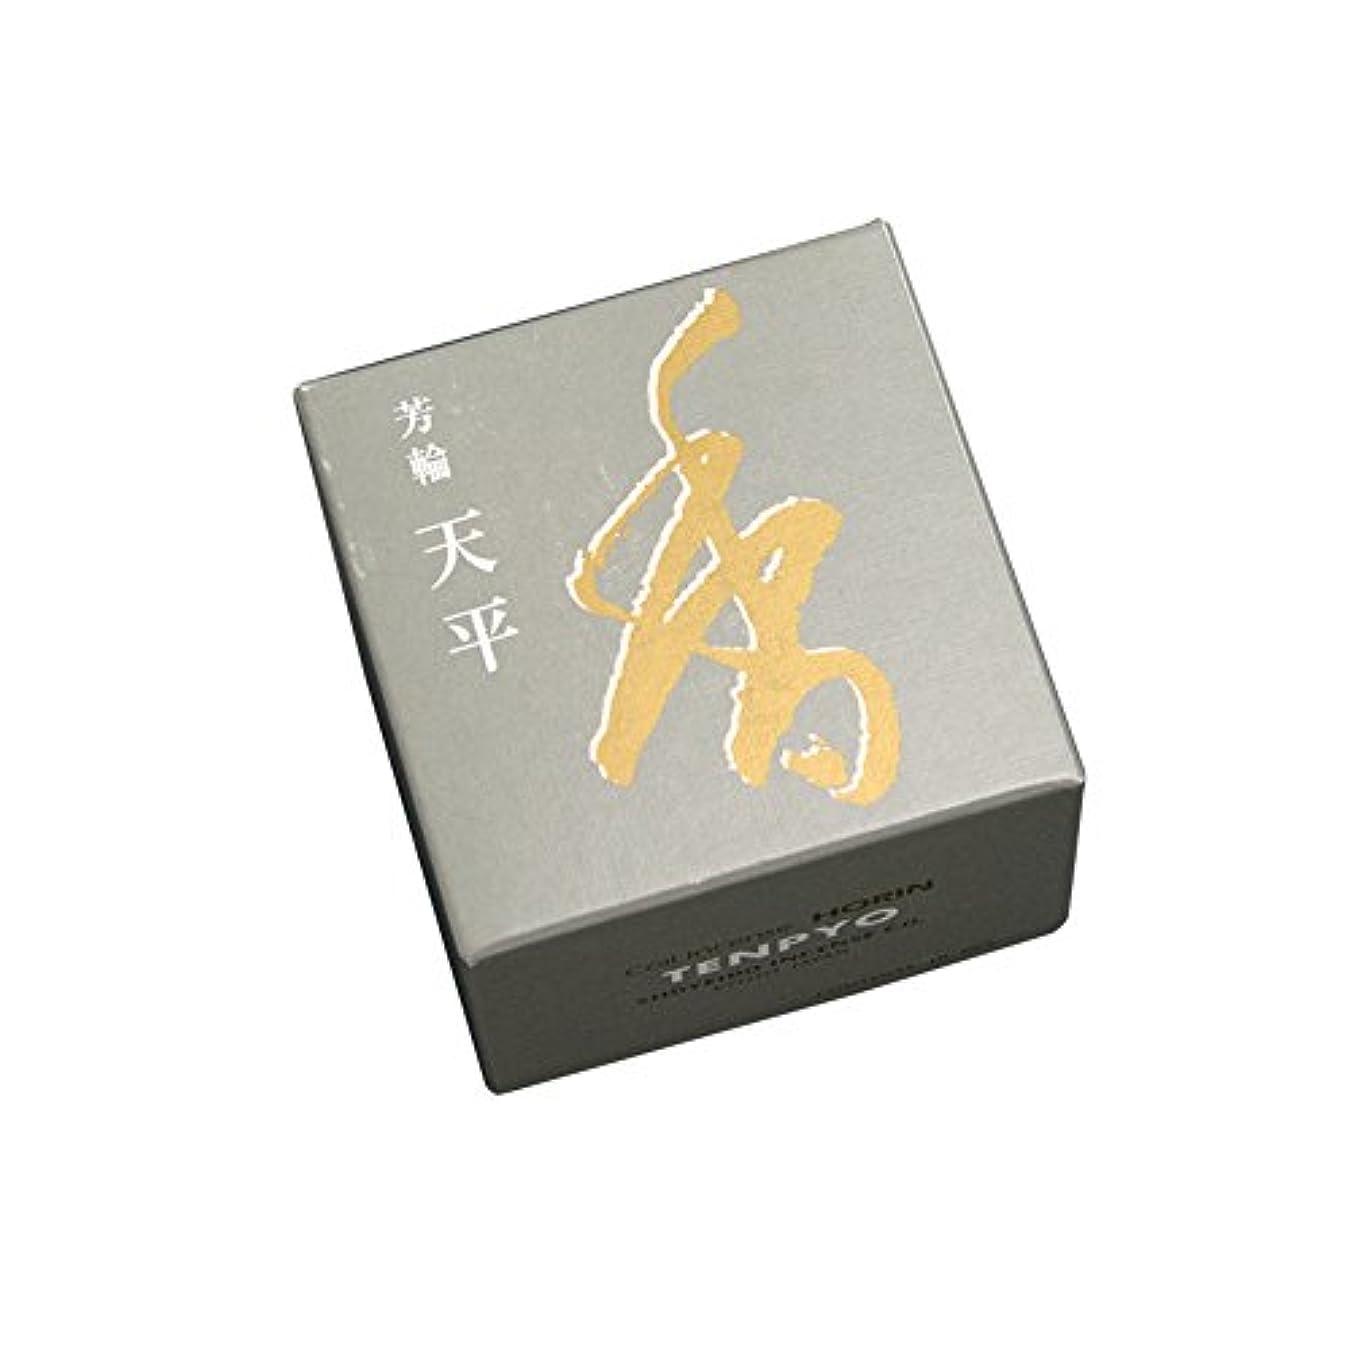 健康ブーム立証する松栄堂のお香 芳輪天平 渦巻型10枚入 うてな角型付 #210521